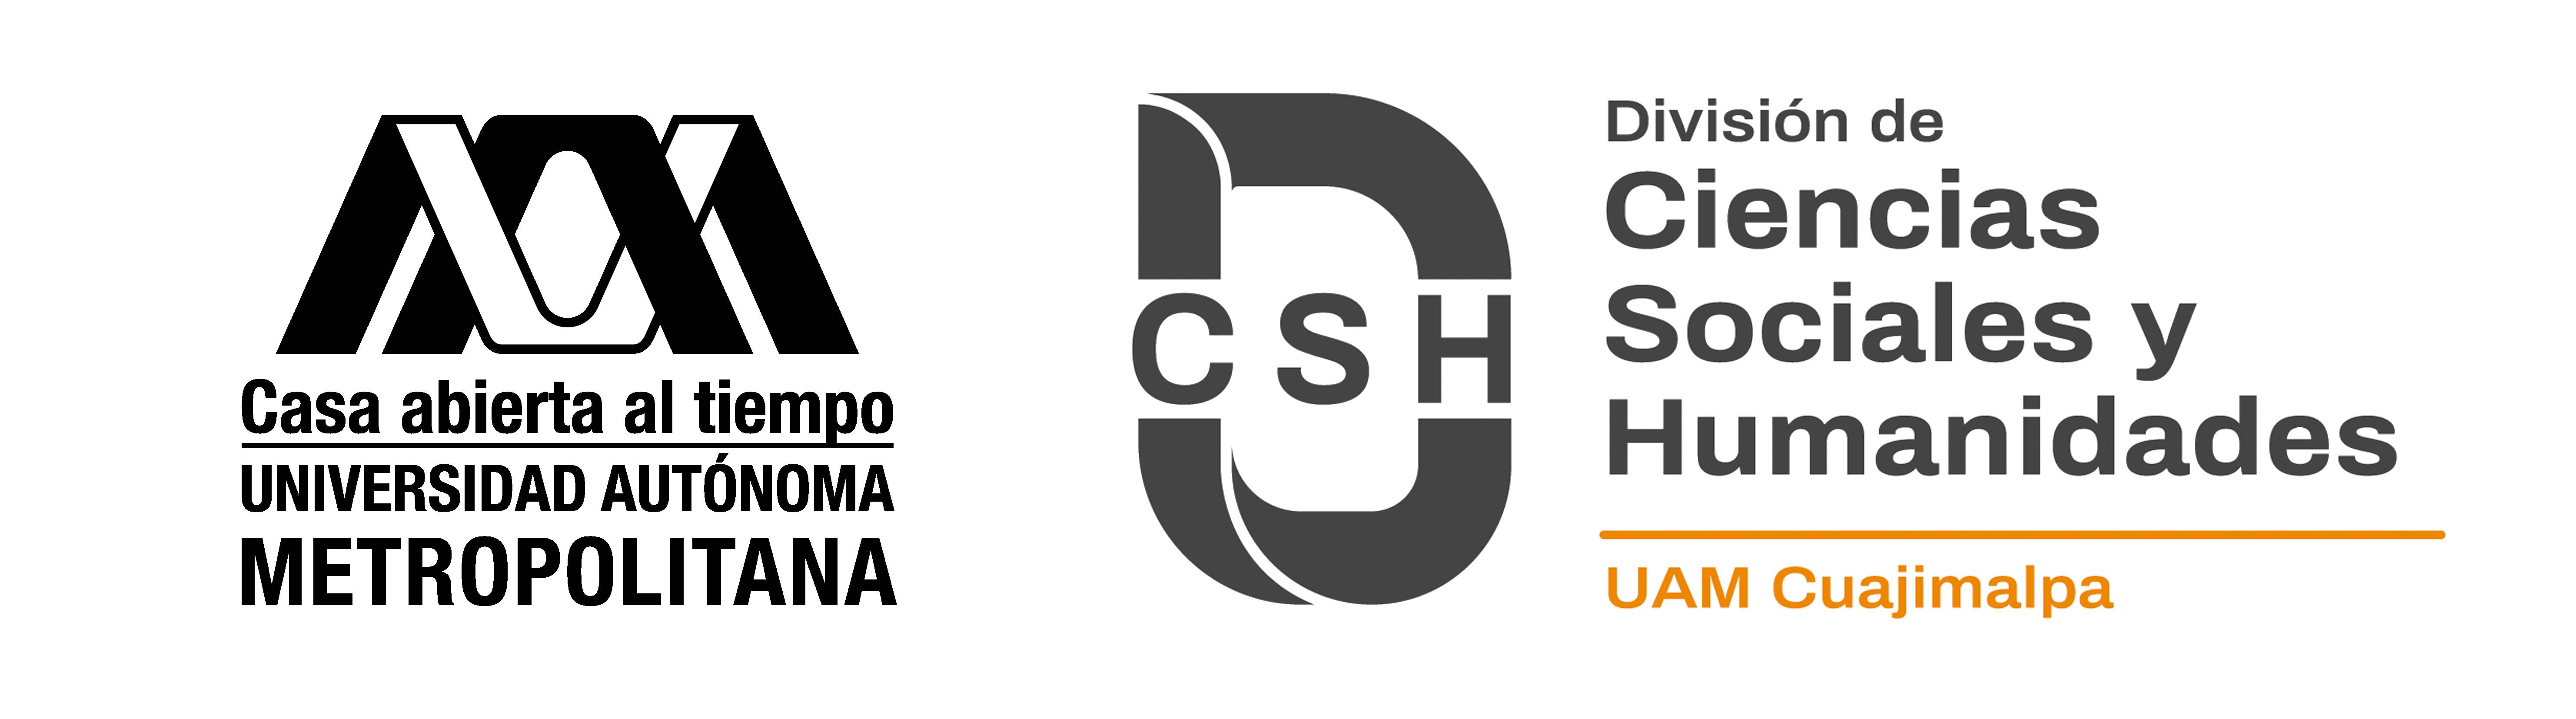 División Ciencias Sociales y Humanidades